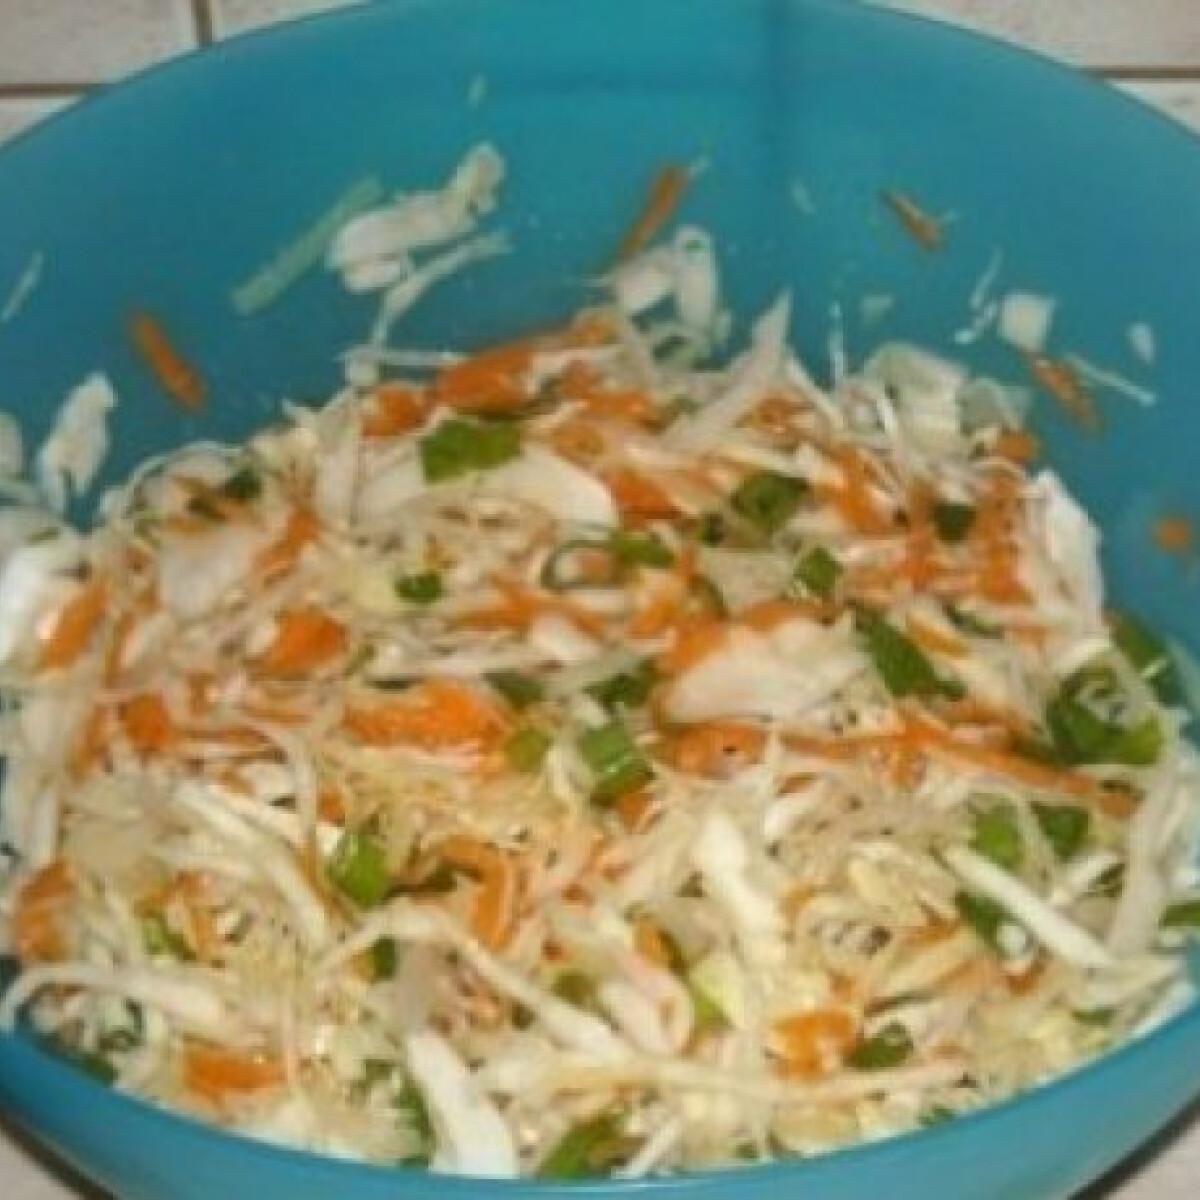 Ezen a képen: Háromszínű saláta fehér káposztából